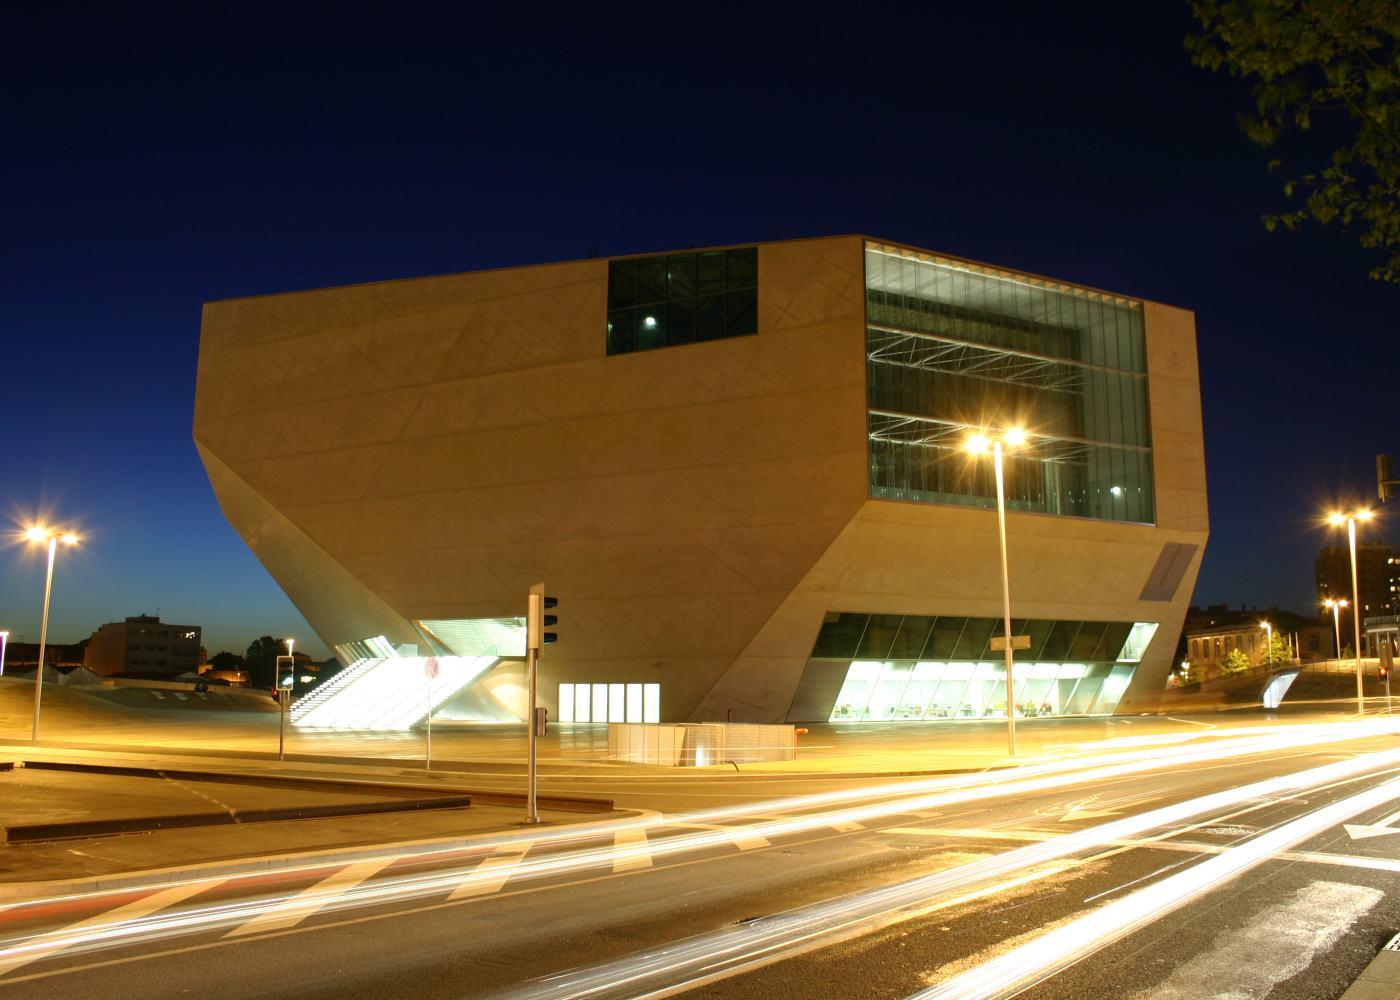 Casa da Música a visitar no Porto